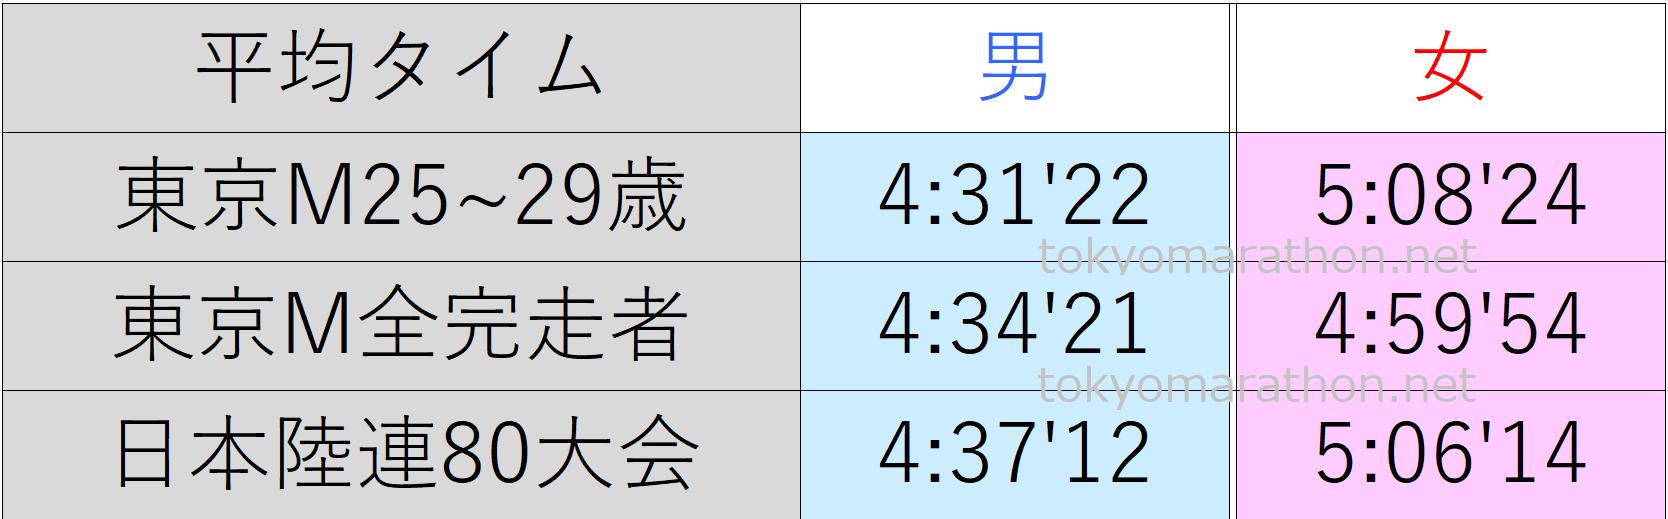 東京マラソン25~29歳の平均タイム、東京マラソン全ランナーの平均タイム、日本陸連公認の80大会の平均タイム一覧表。すべて男女別にまとめた画像です。